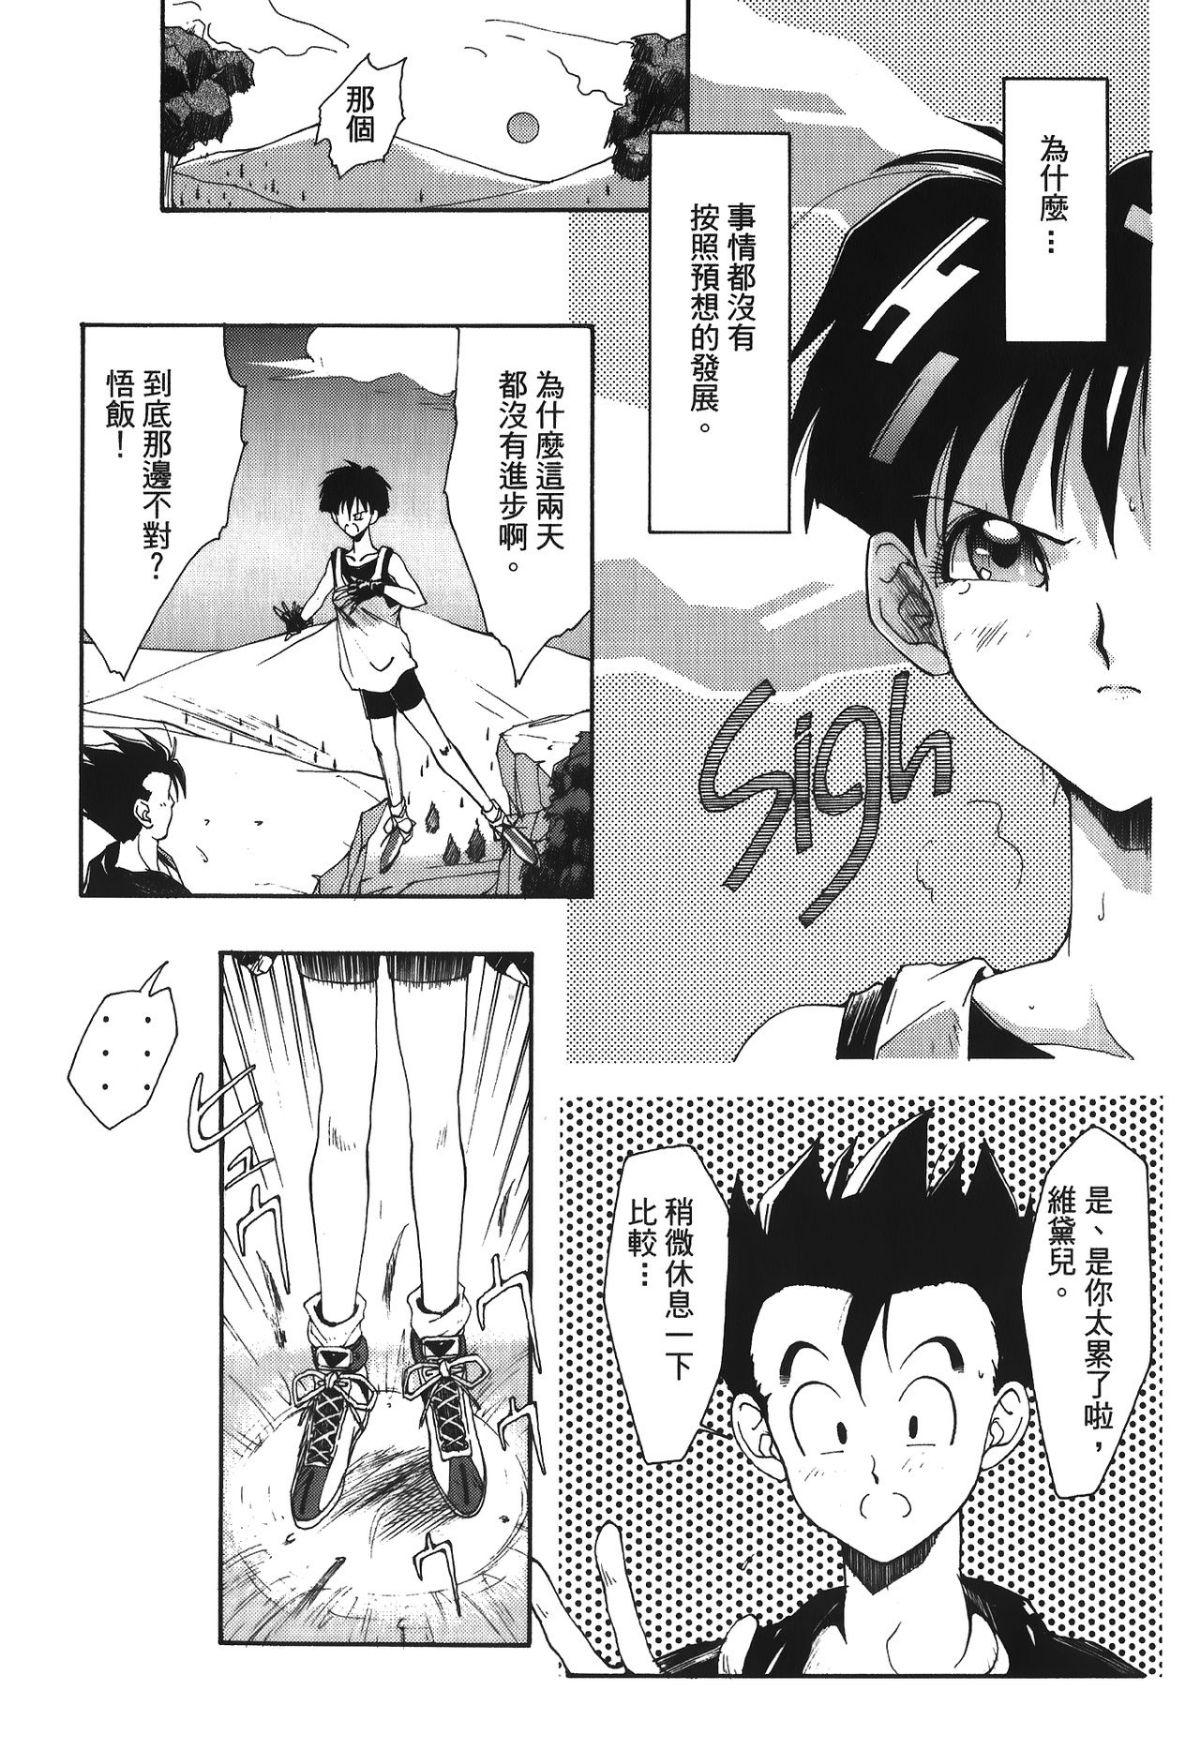 Leo_DragonPearl_05_004.jpg